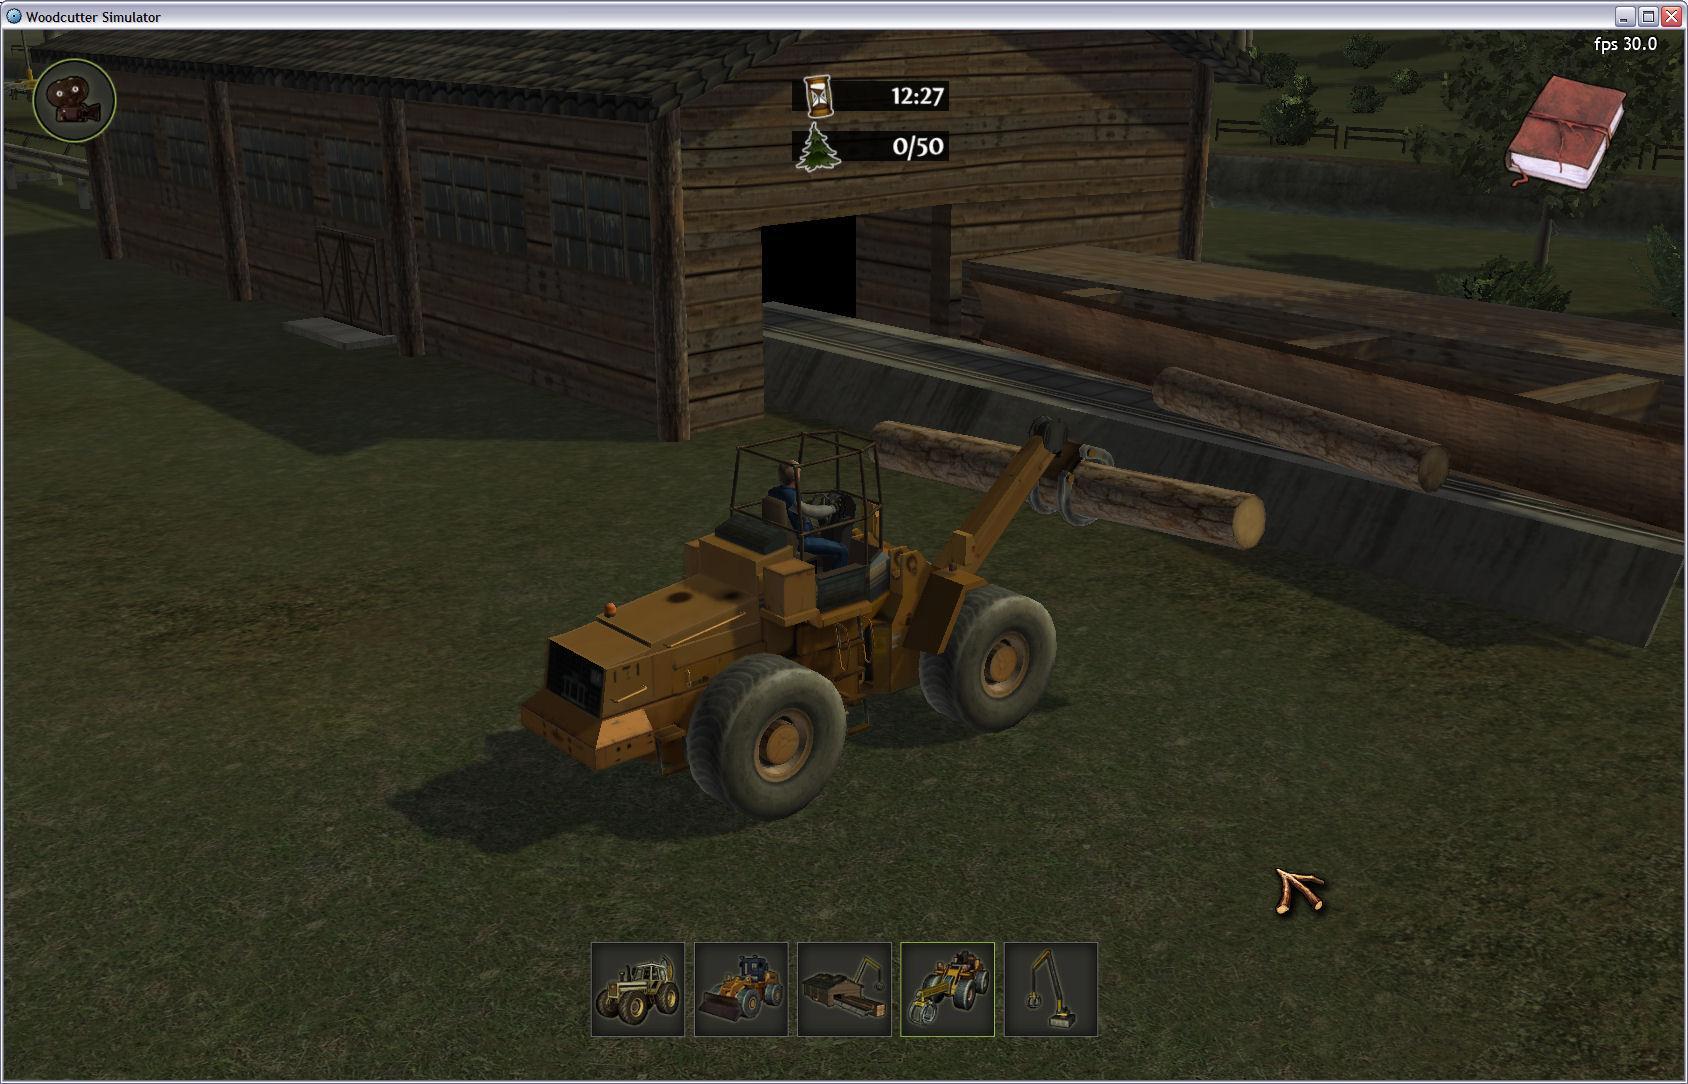 Скачать бесплатно симулятор лесоруба